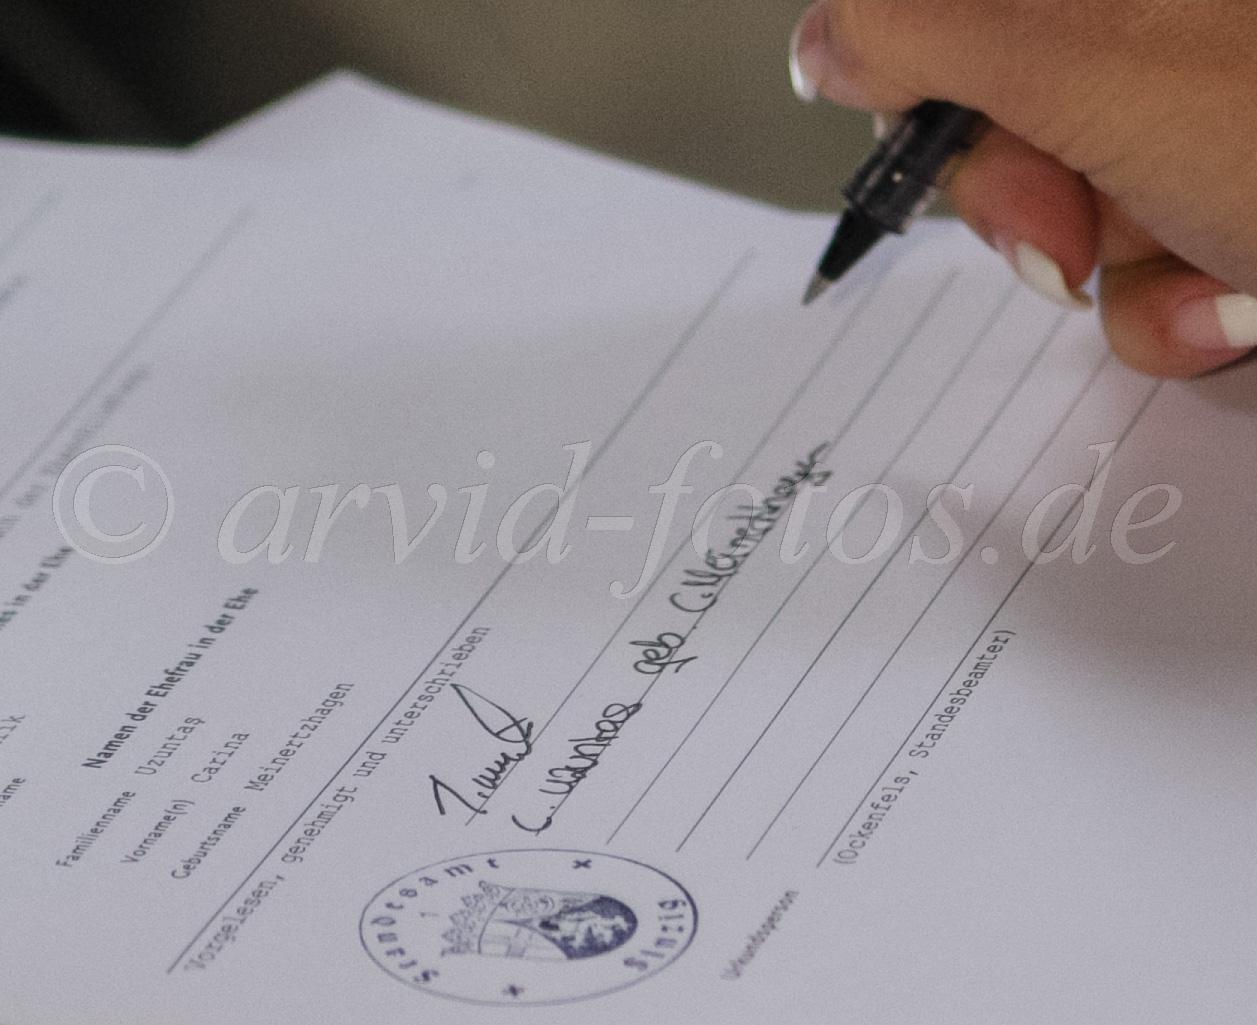 Unterschrift mit neuem Familiennamen